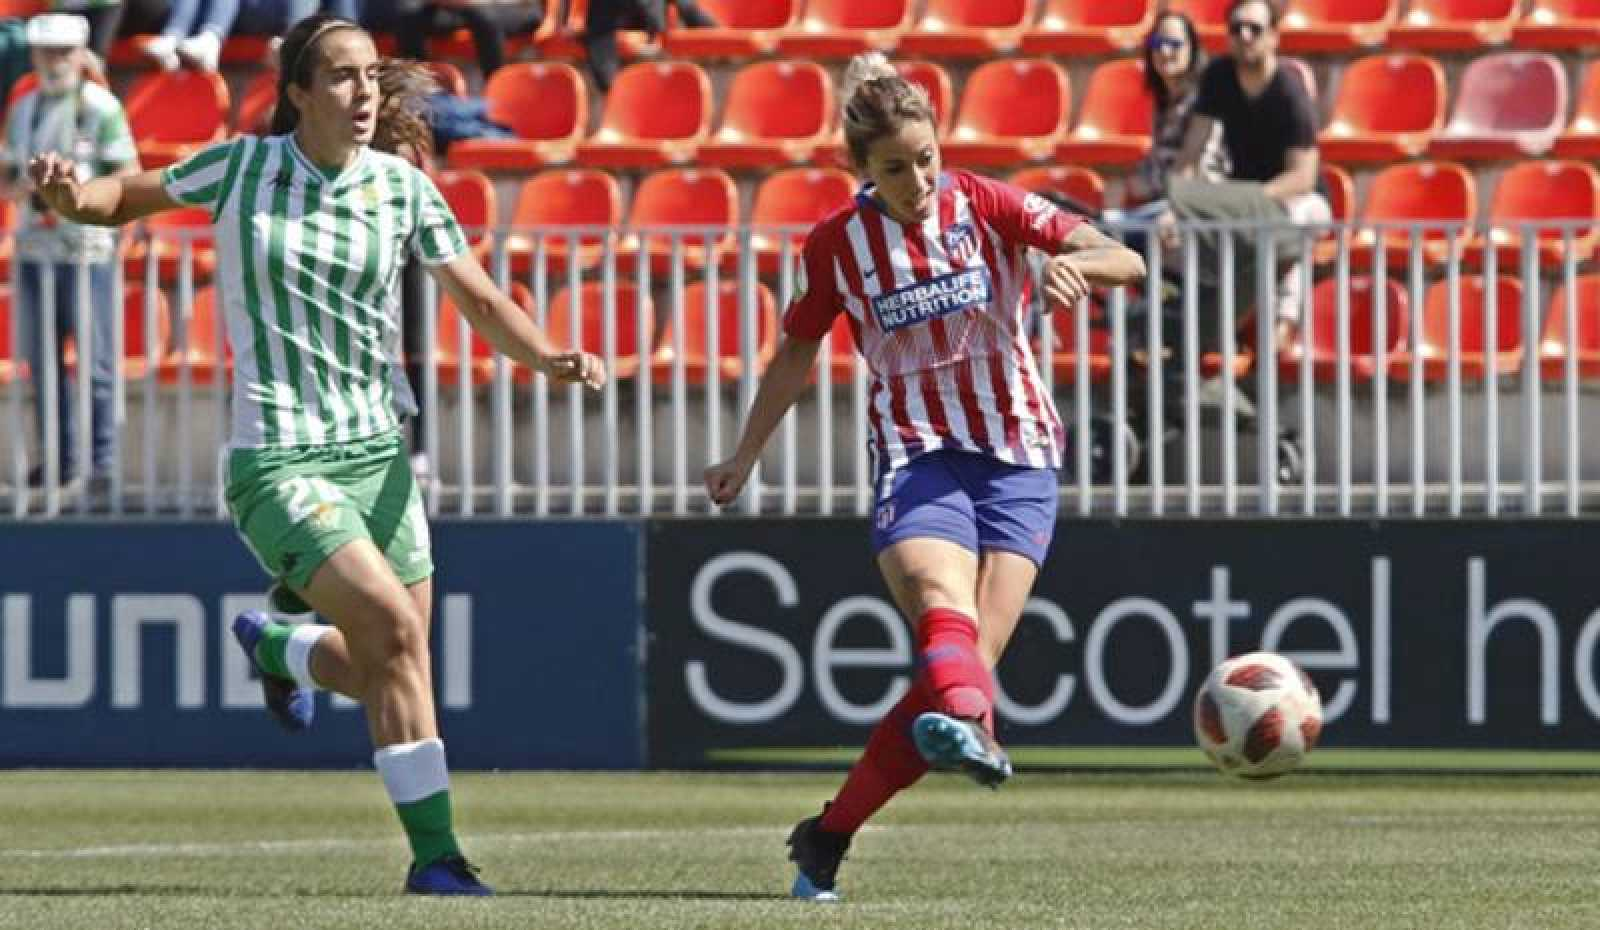 Nuevo bloqueo del Convenio del Futbol Femenino que sigue sin salir adelante